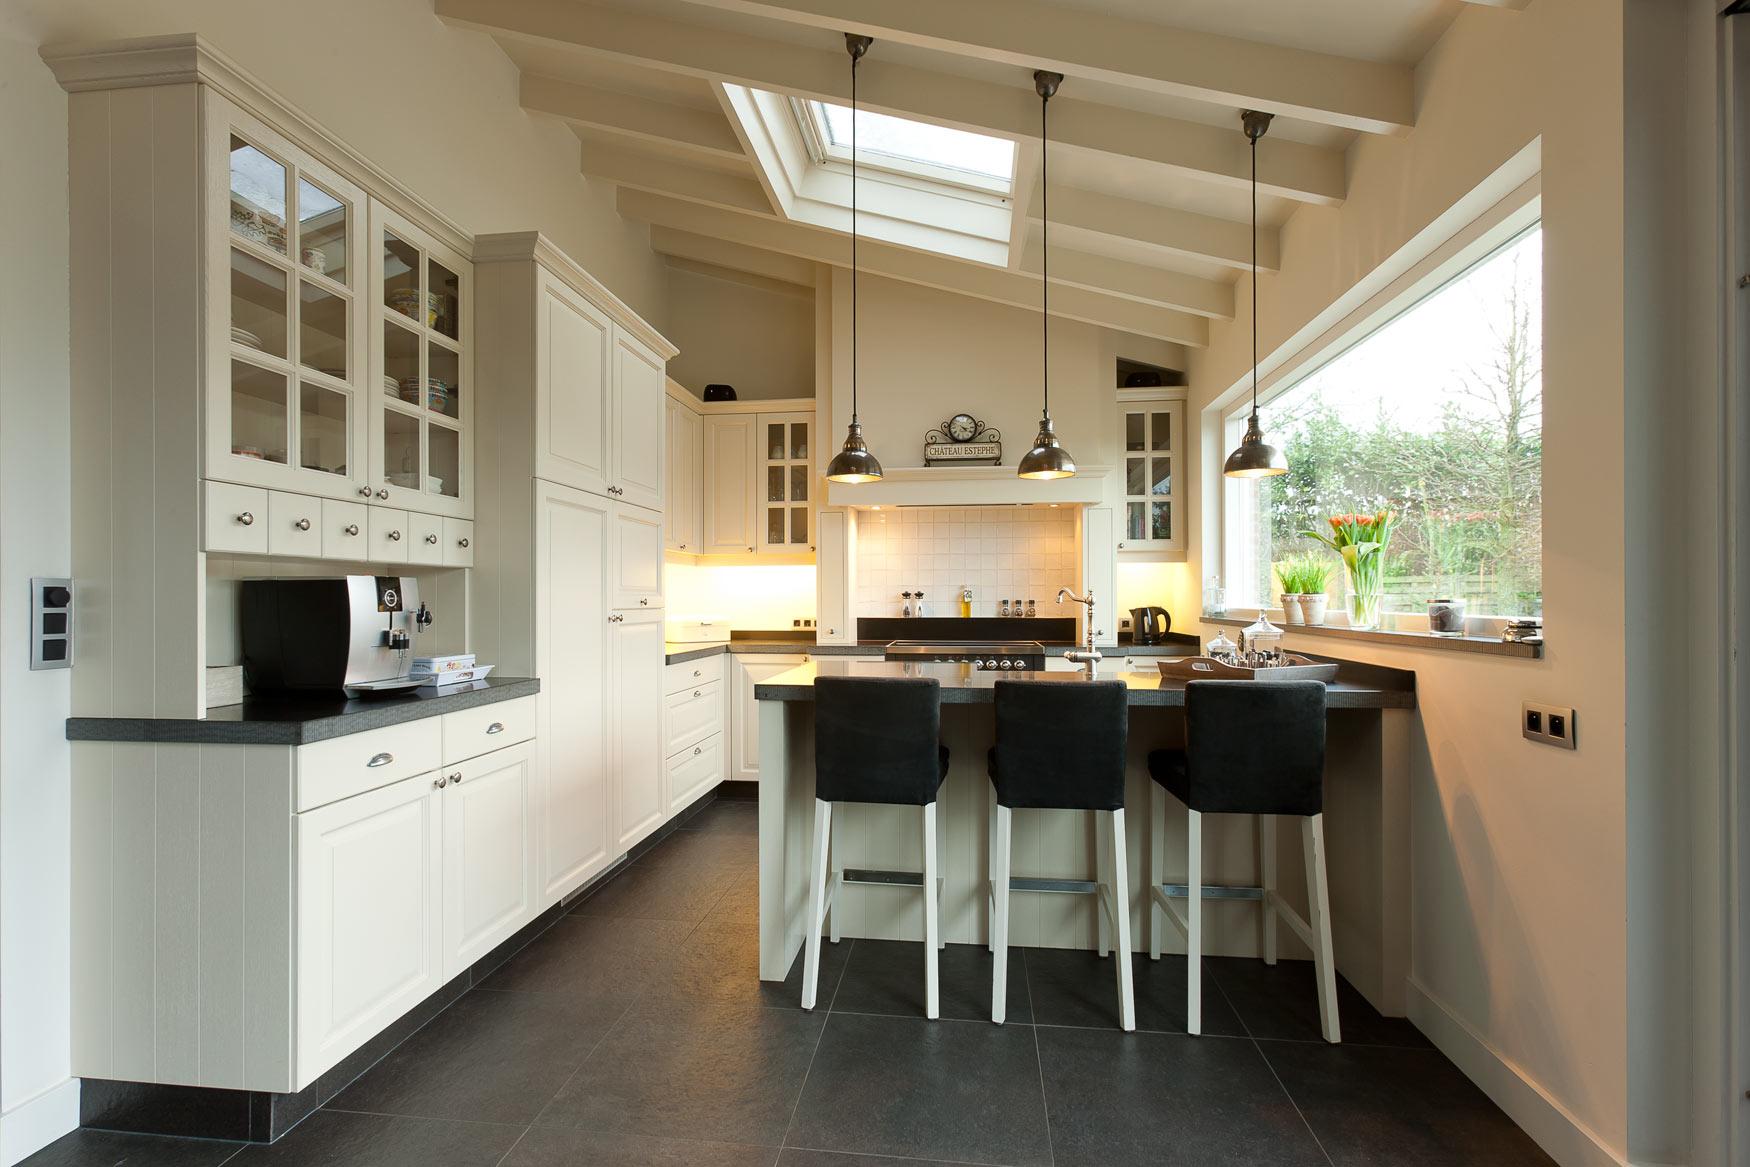 Winkelinrichting nijhof interieurmakers interieurbouw winkelinrichting kantoorinrichting - Foto keuken ...